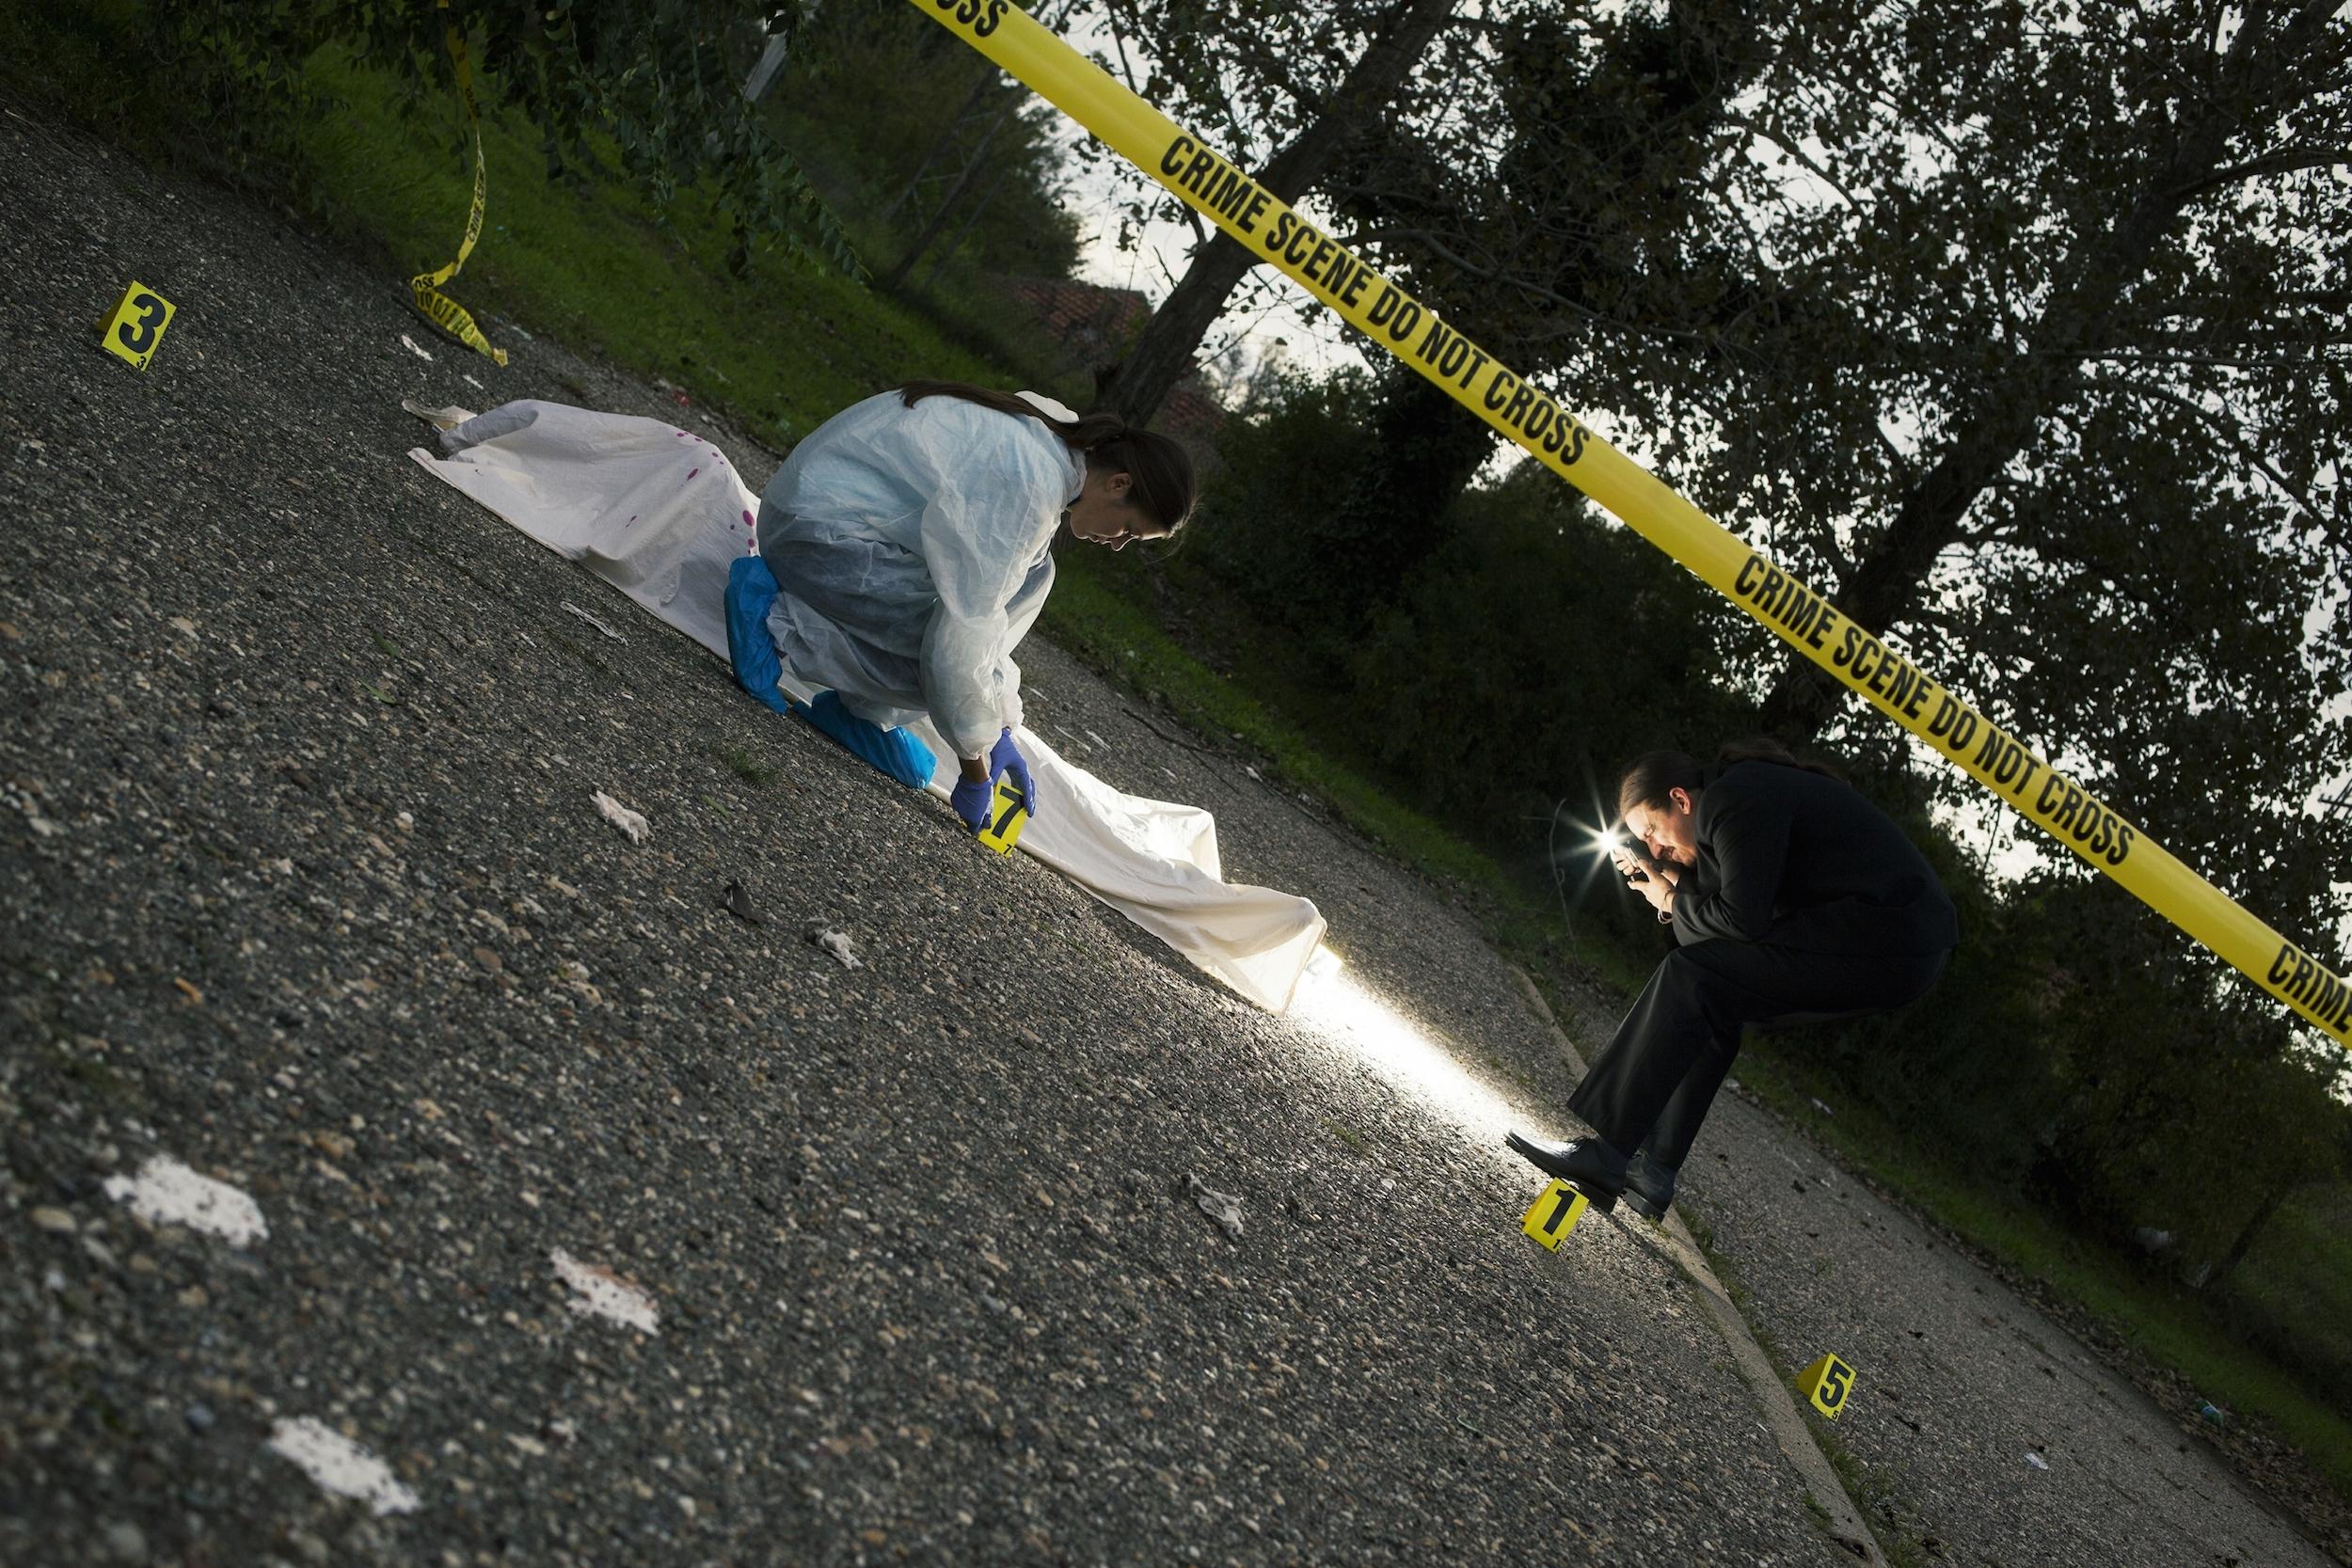 00305a11cc3de99b1ce8_Crime_Scene.jpg